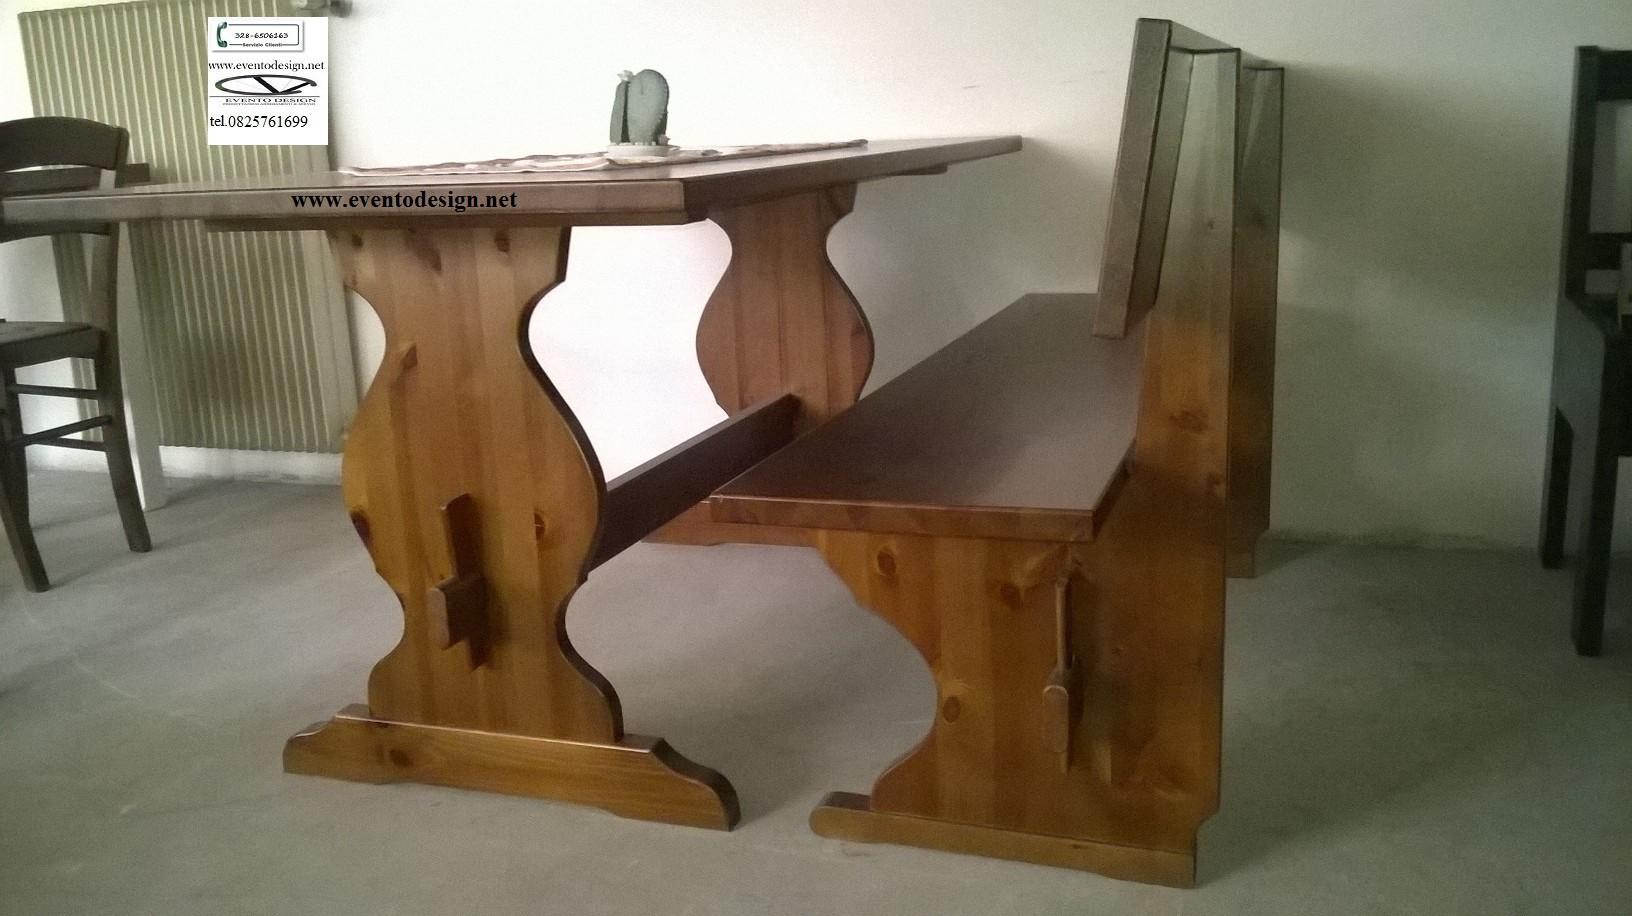 Tavoli Alti Legno : Arredi per pub tavoli in legno e sostegni tavoli per irish pub